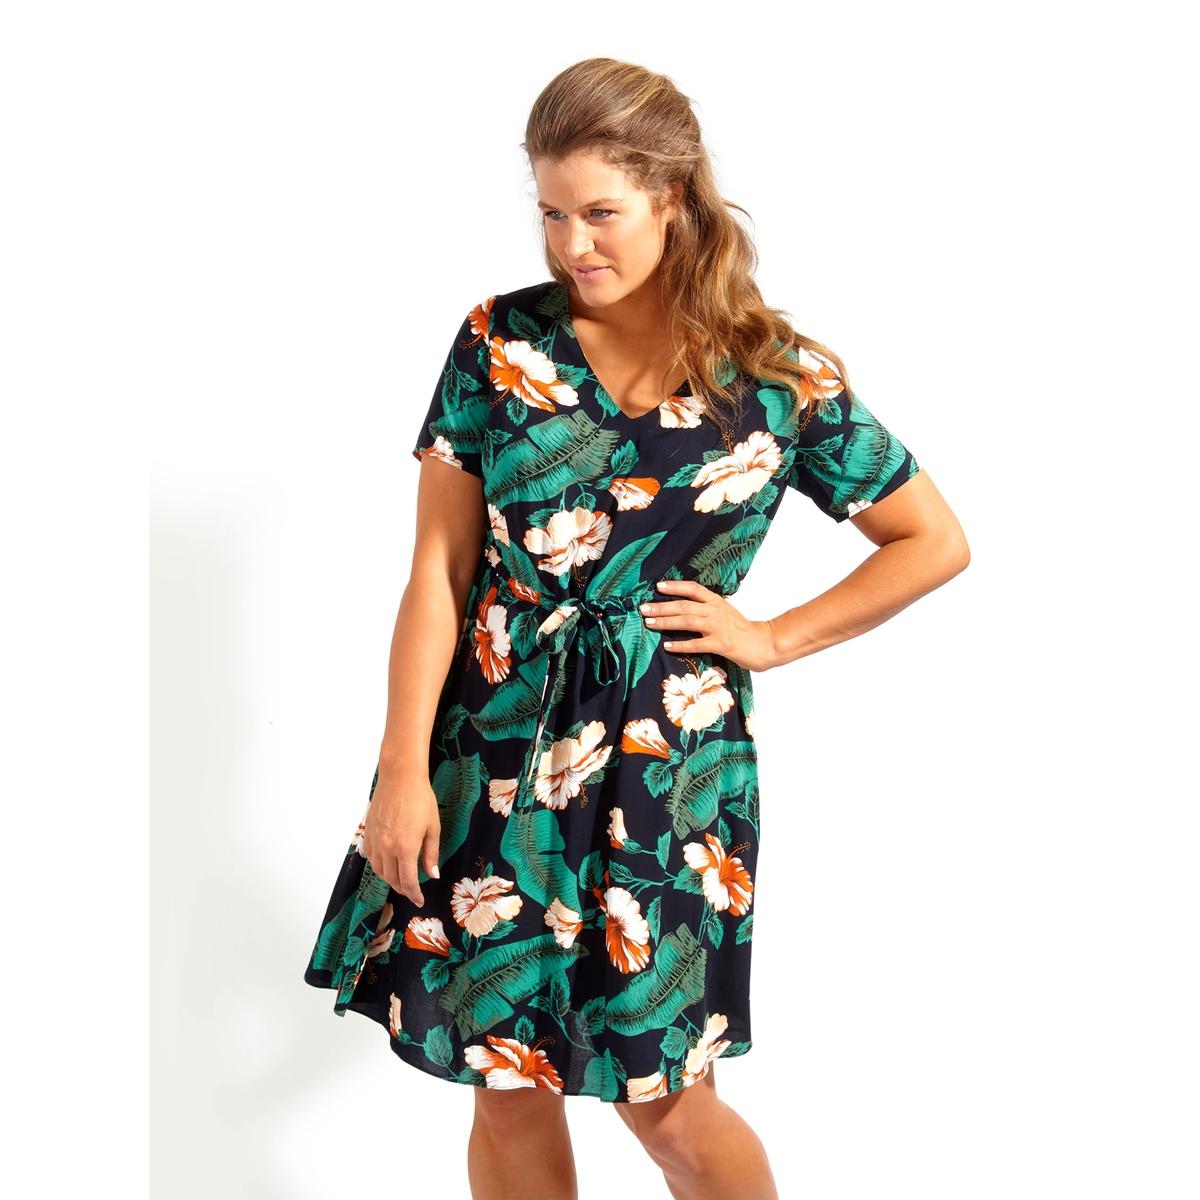 ПлатьеПлатье - KOKO BY KOKO. Красивое платье с V-образным декольте, завязками на поясе и карманами . 100% полиэстер<br><br>Цвет: набивной рисунок<br>Размер: 50/52 (FR) - 56/58 (RUS).46 (FR) - 52 (RUS)